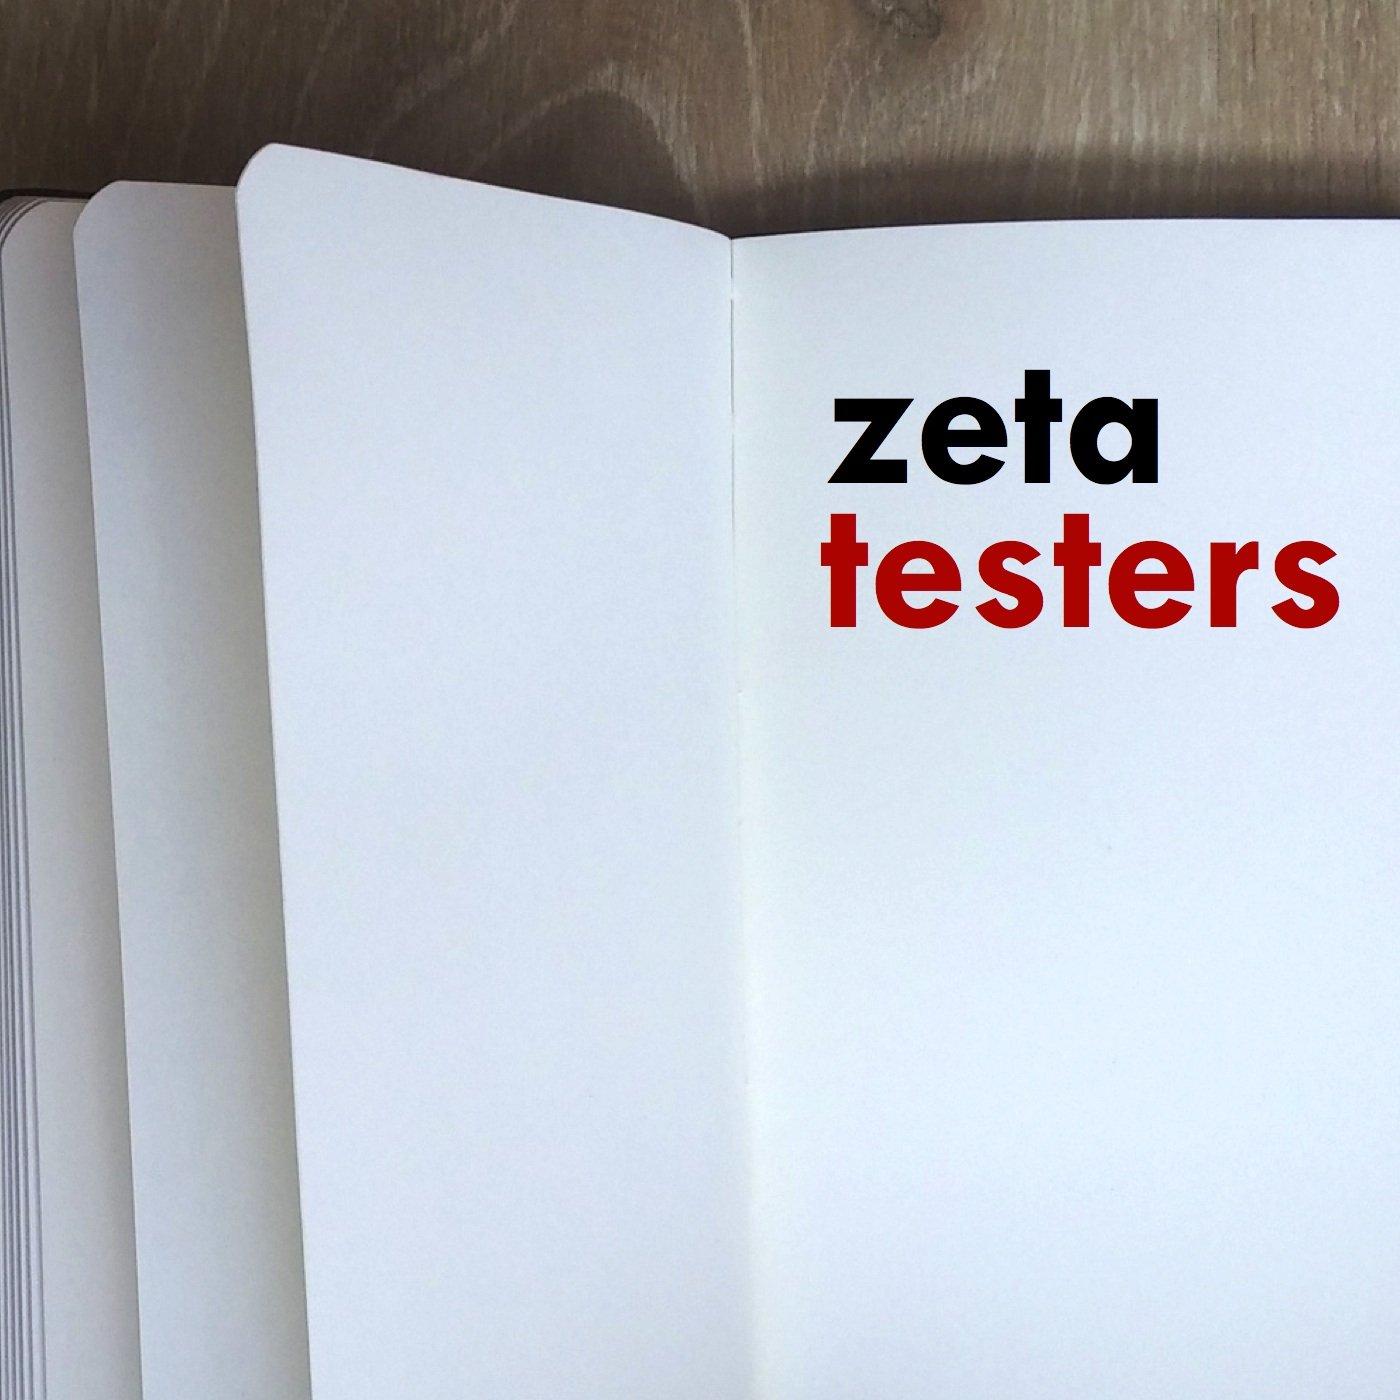 zetatesters.com: desarrollo personal práctico y desenfadado